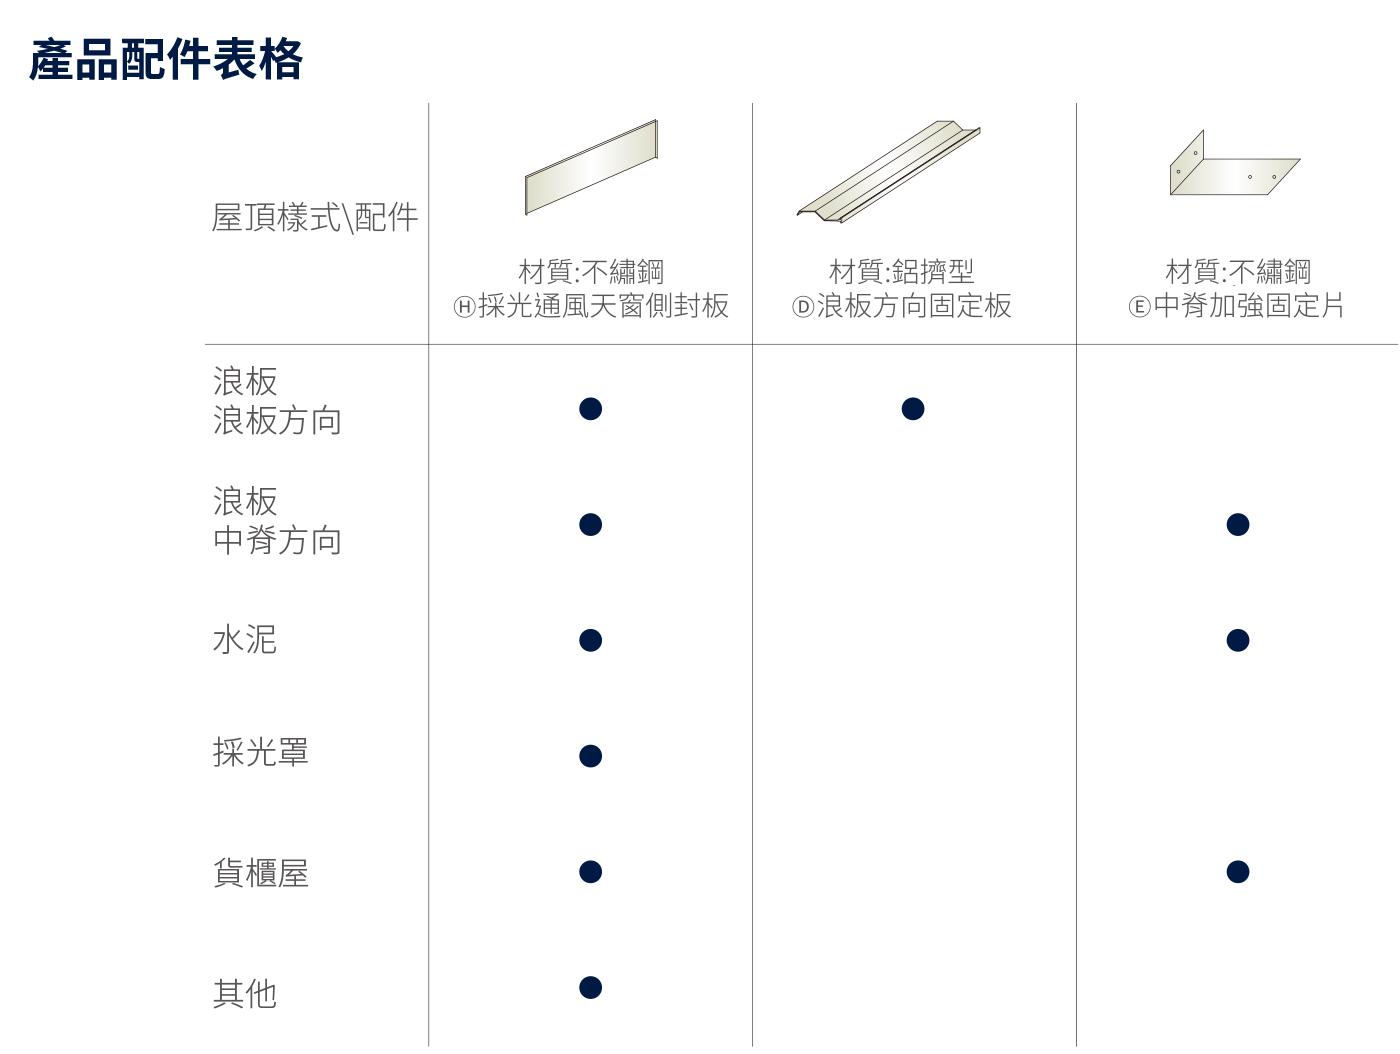 產品配件表格